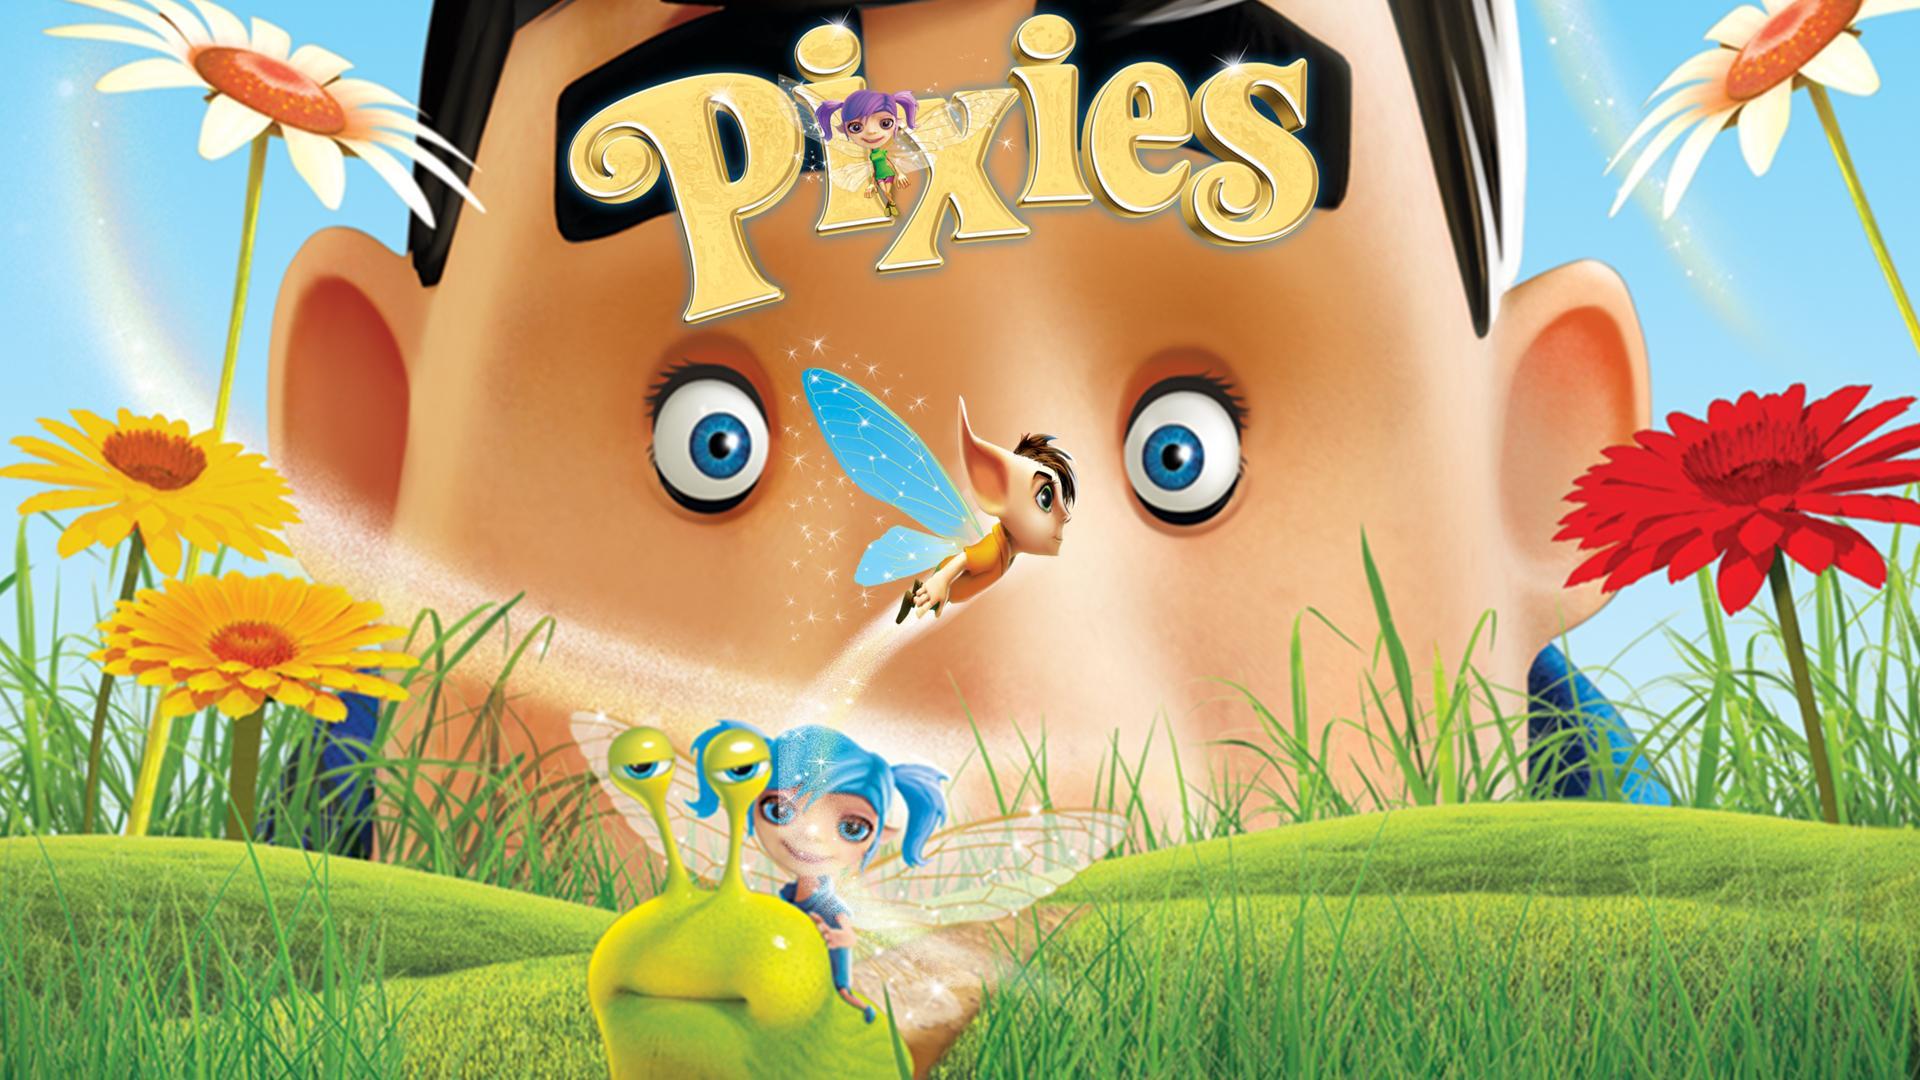 Pixies Online